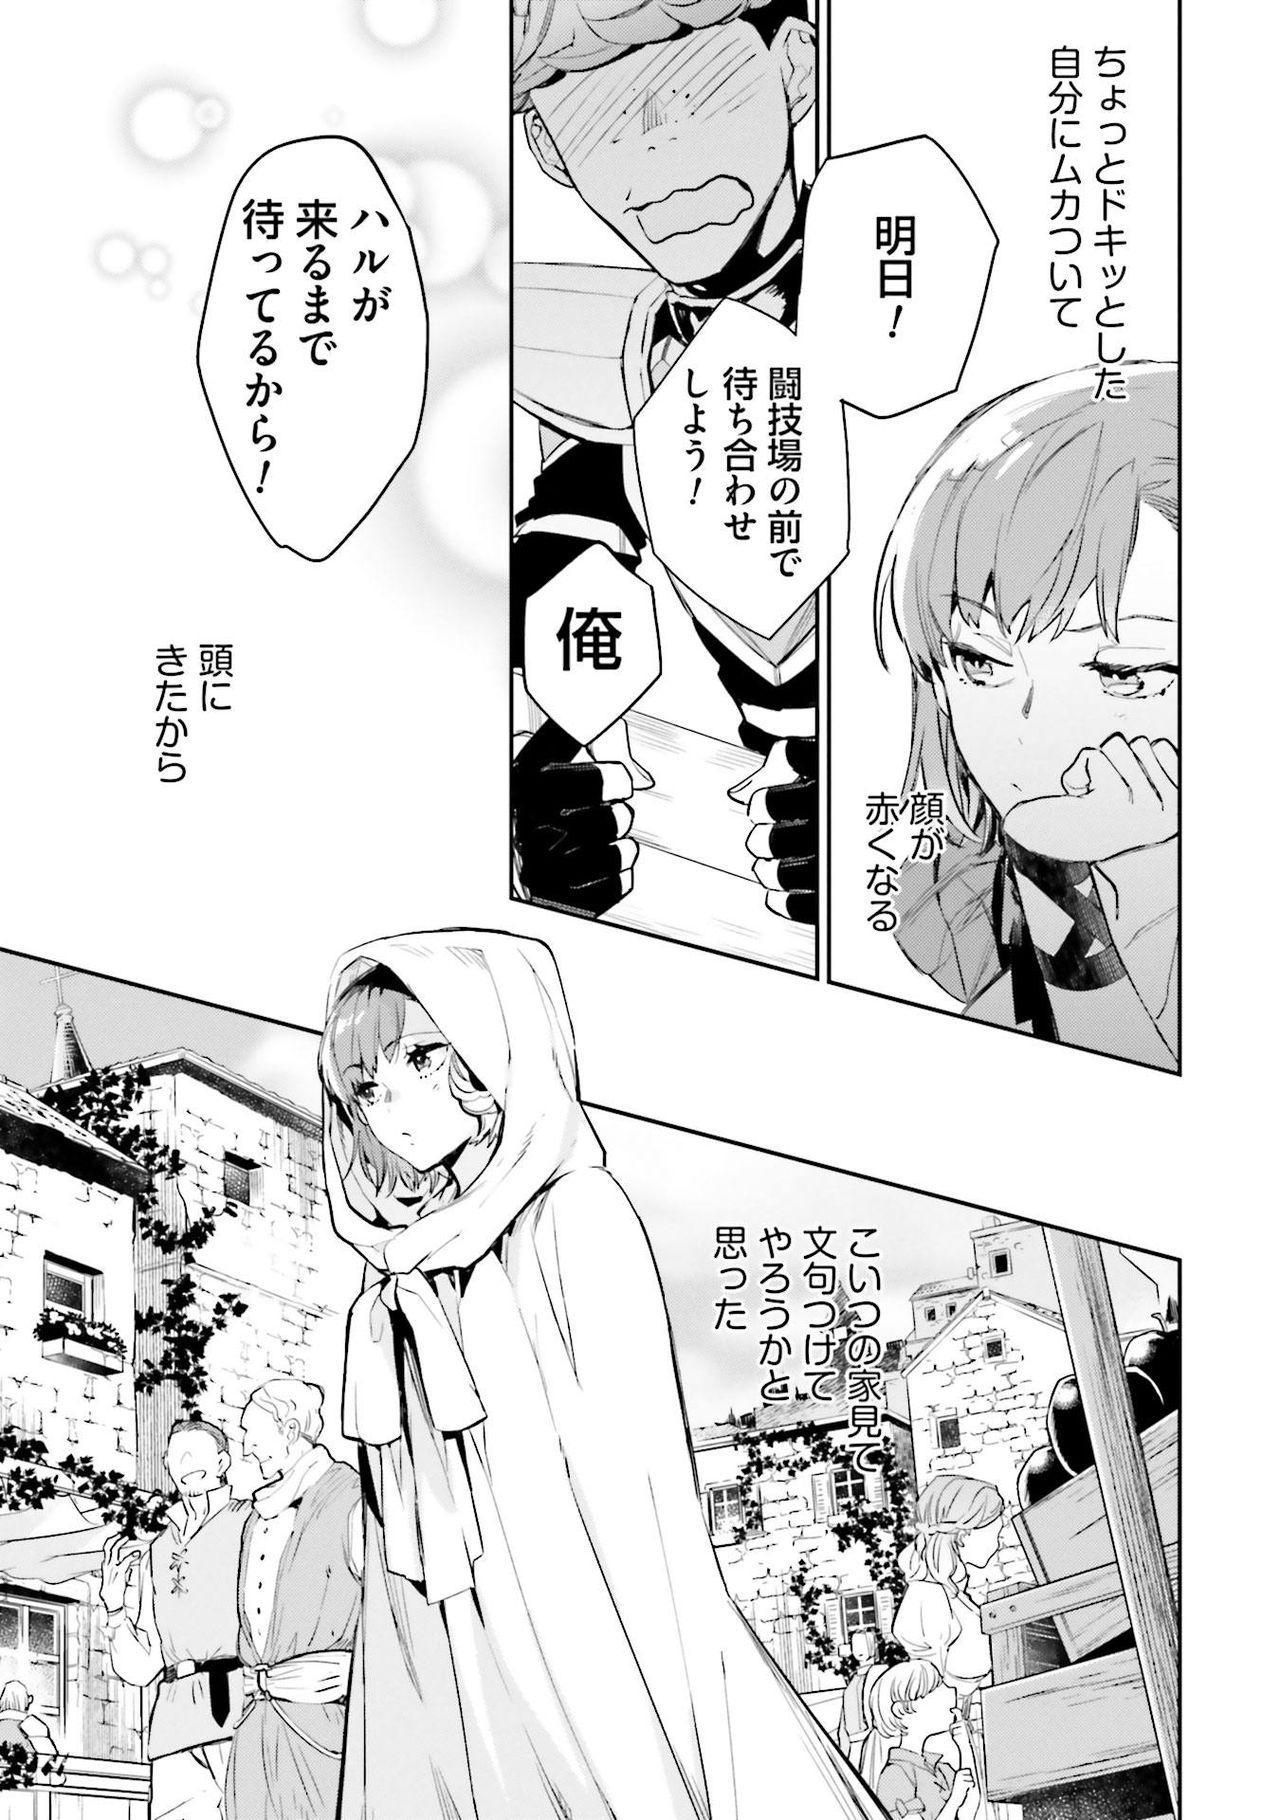 JK Haru wa Isekai de Shoufu ni Natta 1-14 327